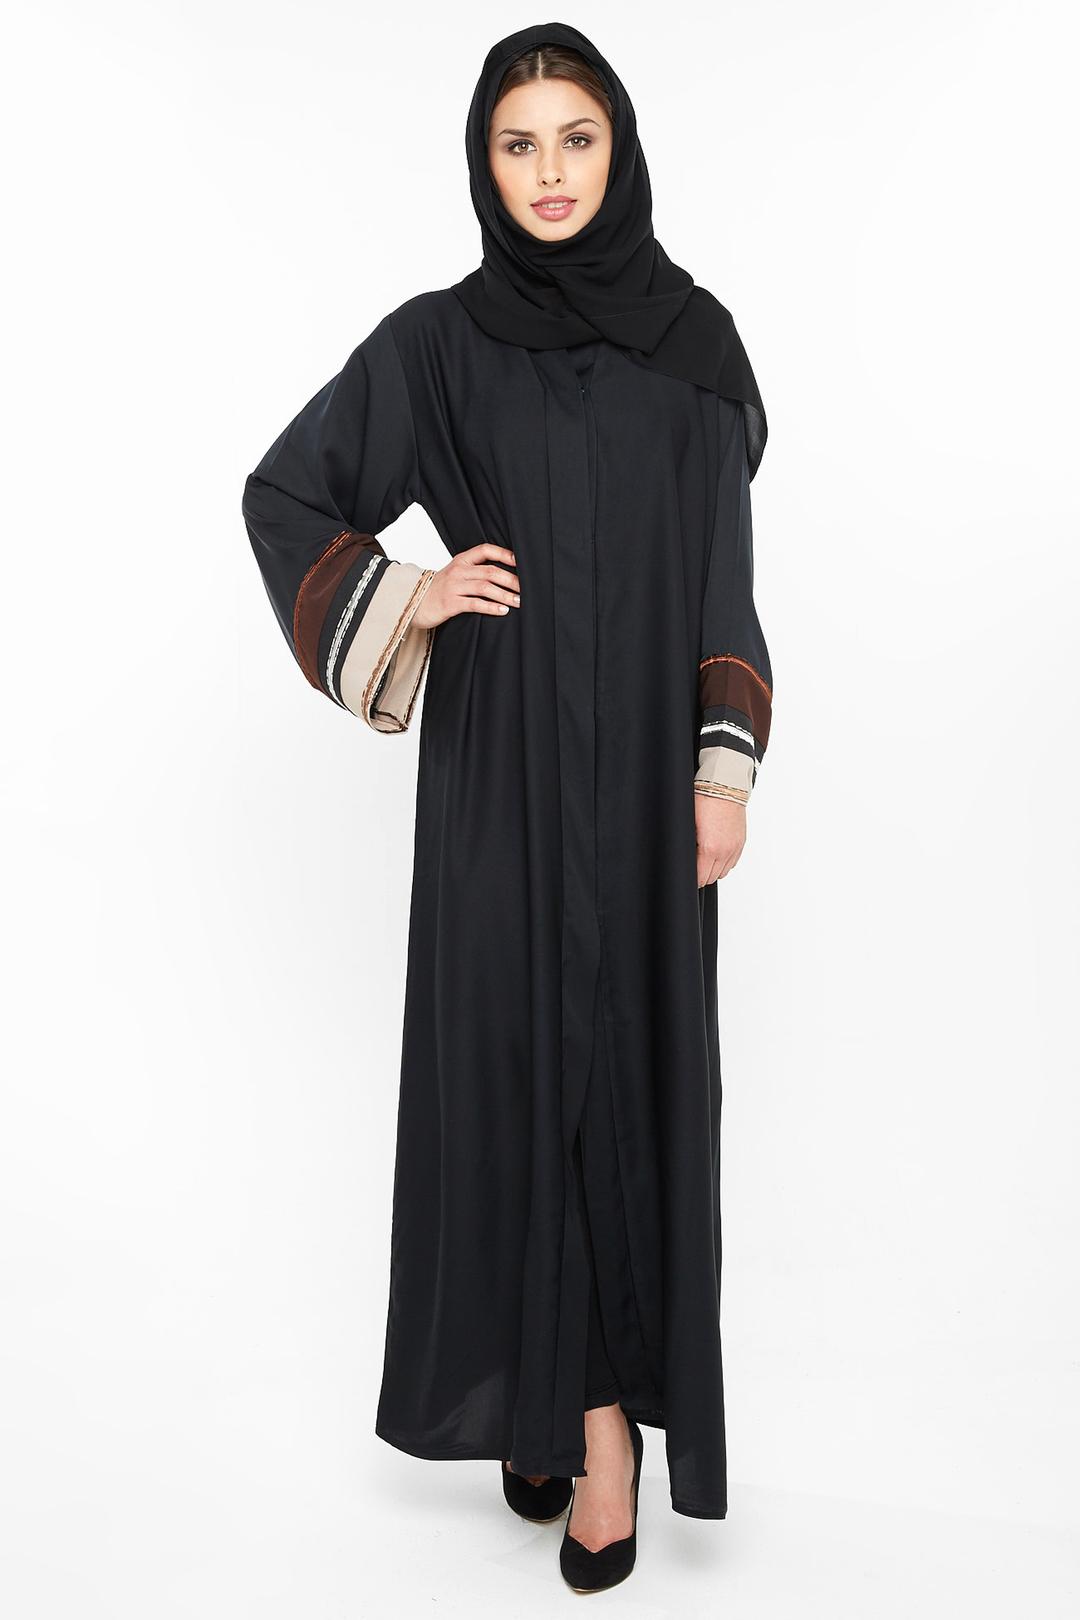 بالصور عبايات مغربية , المغرب وملابسه الجميله 5503 9